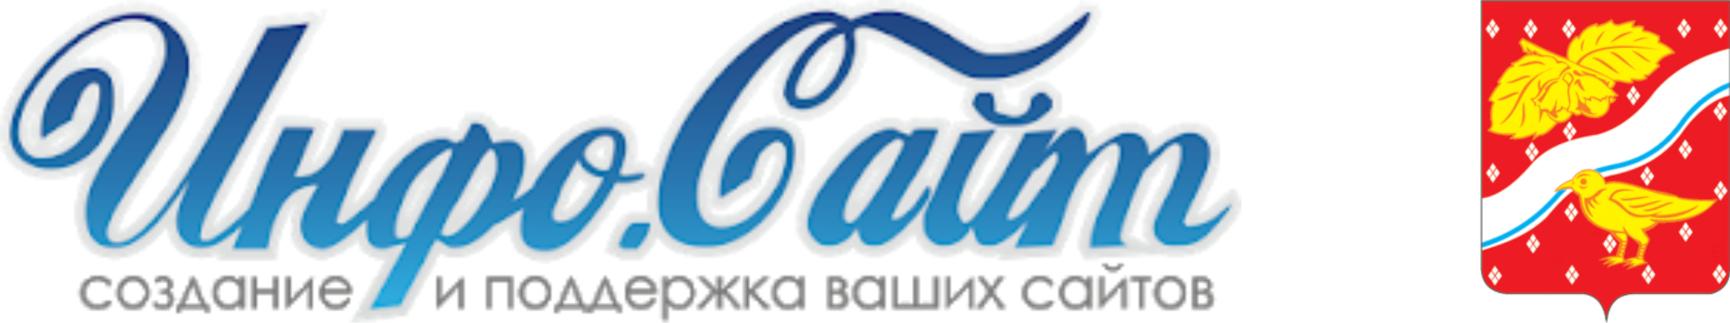 Орехово-Зуево 🌍 Инфо-Сайт : Новости и объявления г. Орехово-Зуево